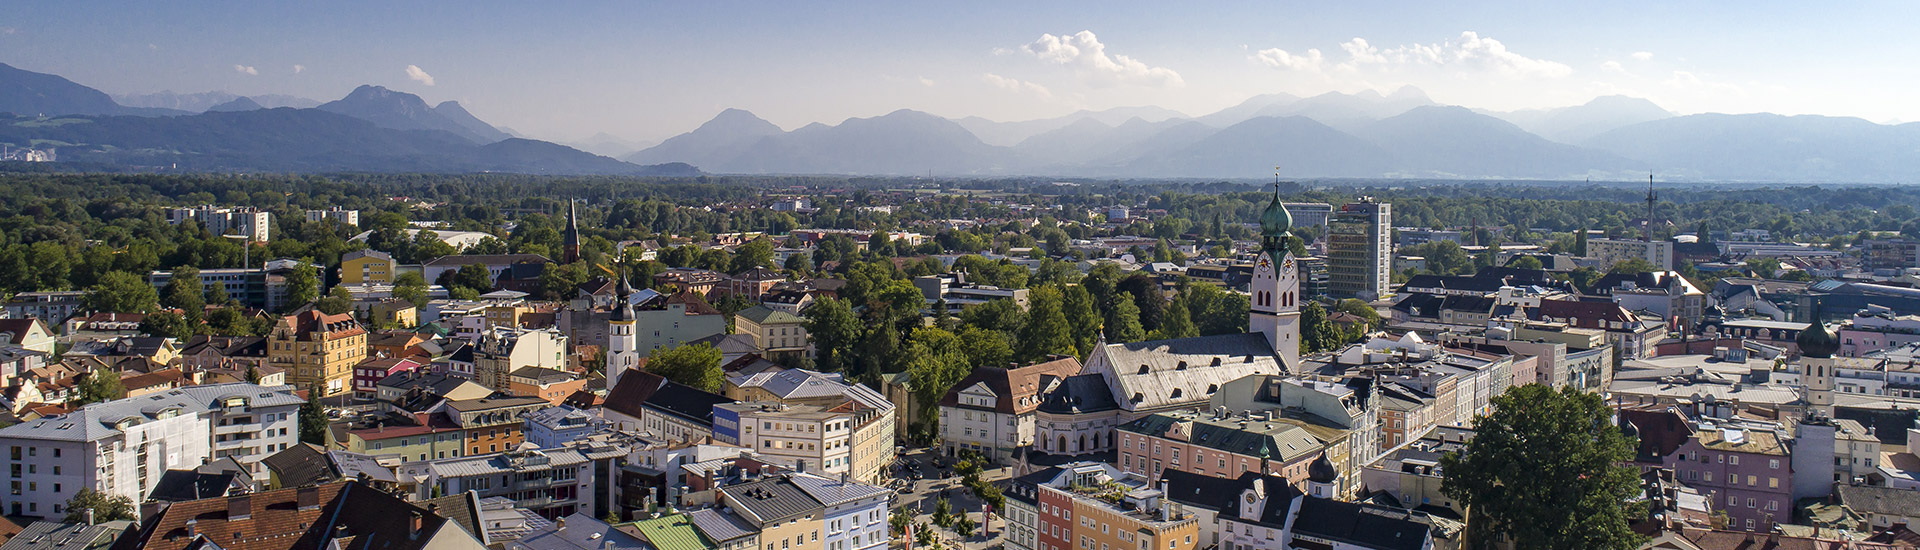 panorama-drohnen-s5